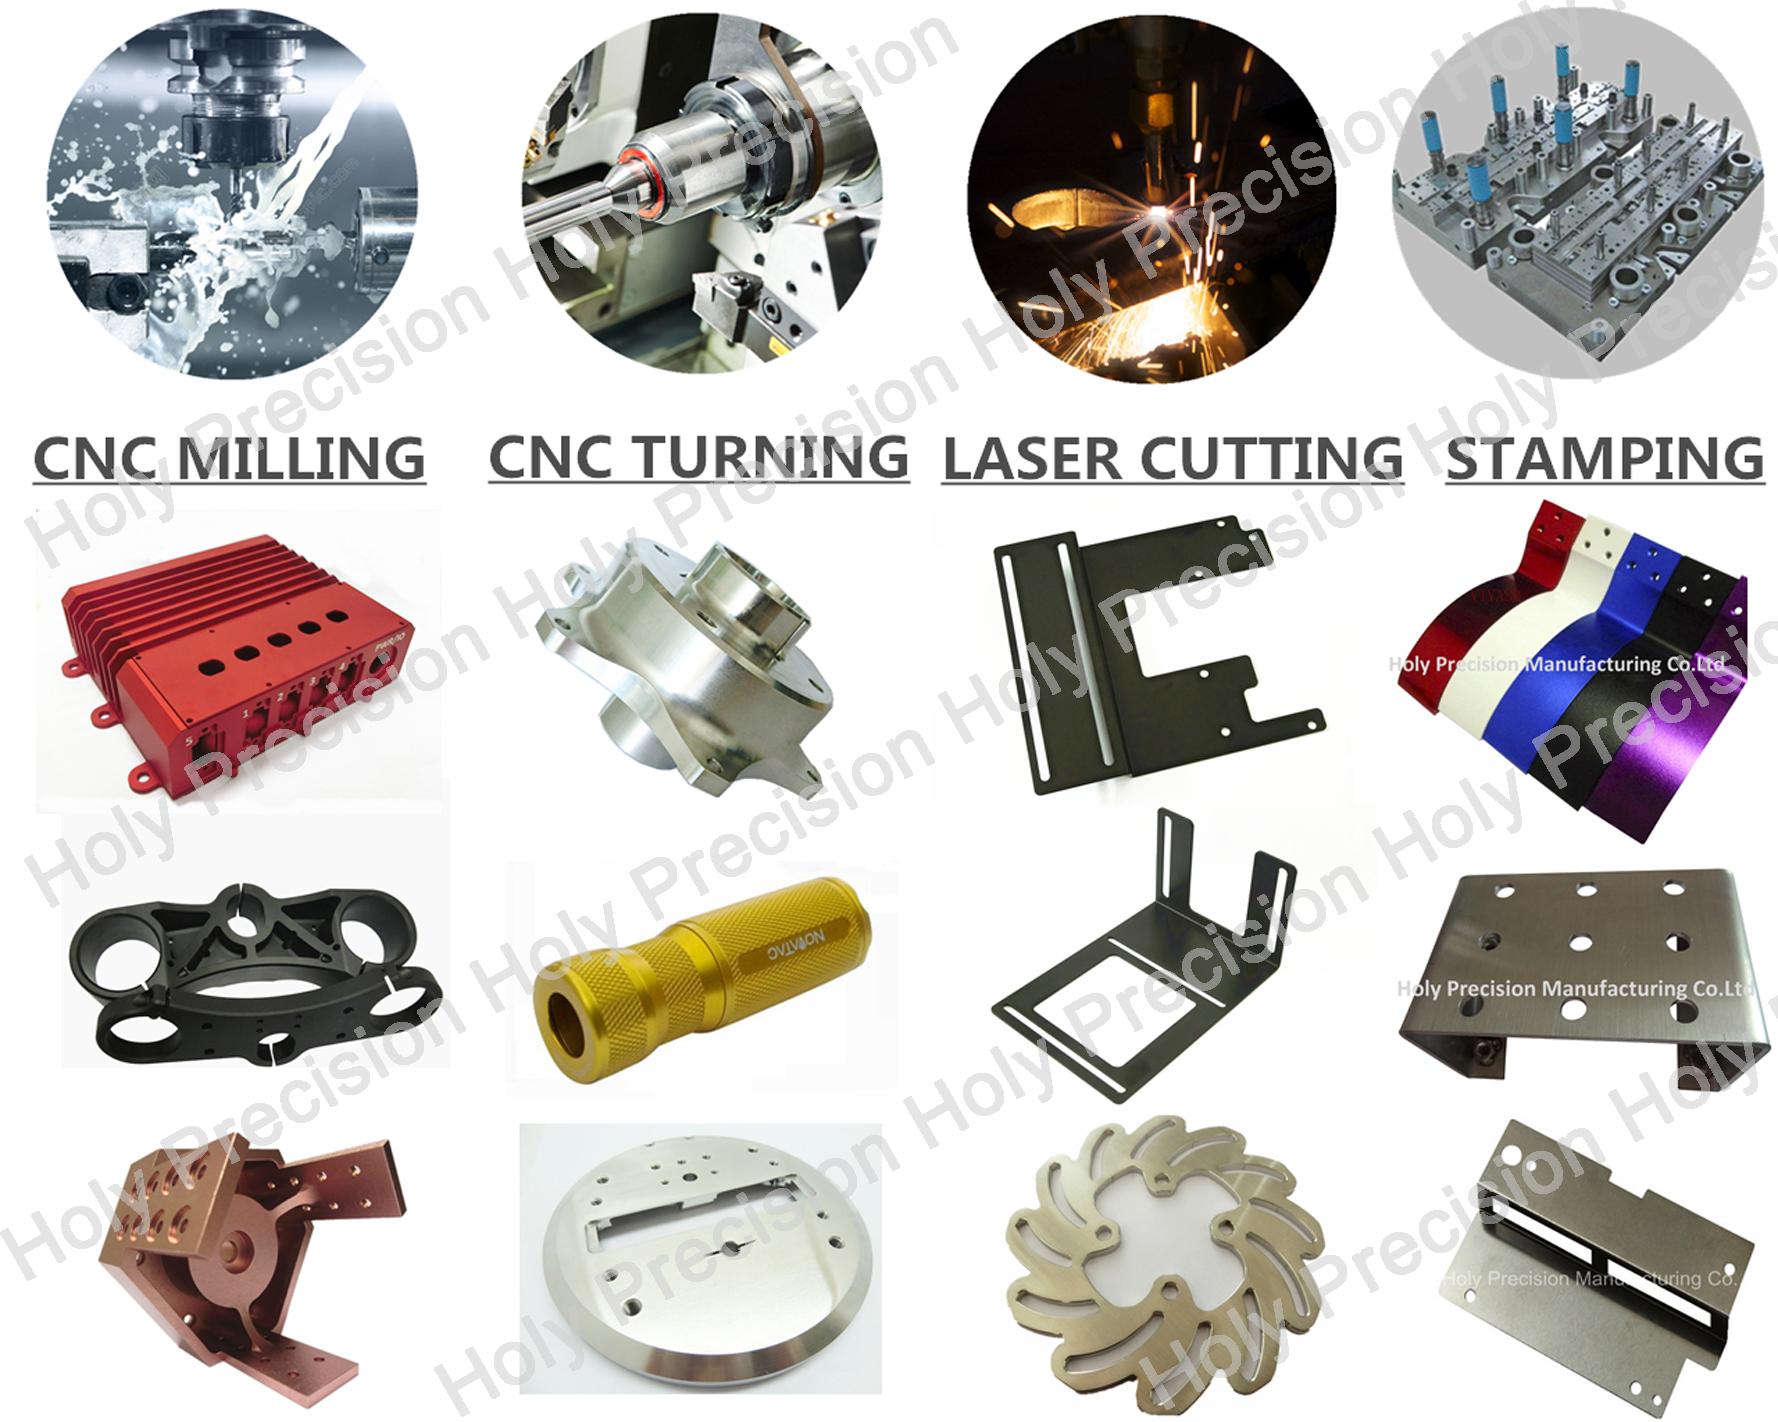 Santo cnc personalizada producto de metal de precisión de plástico mecanizado parte de mecanizado cnc bloque de aluminio